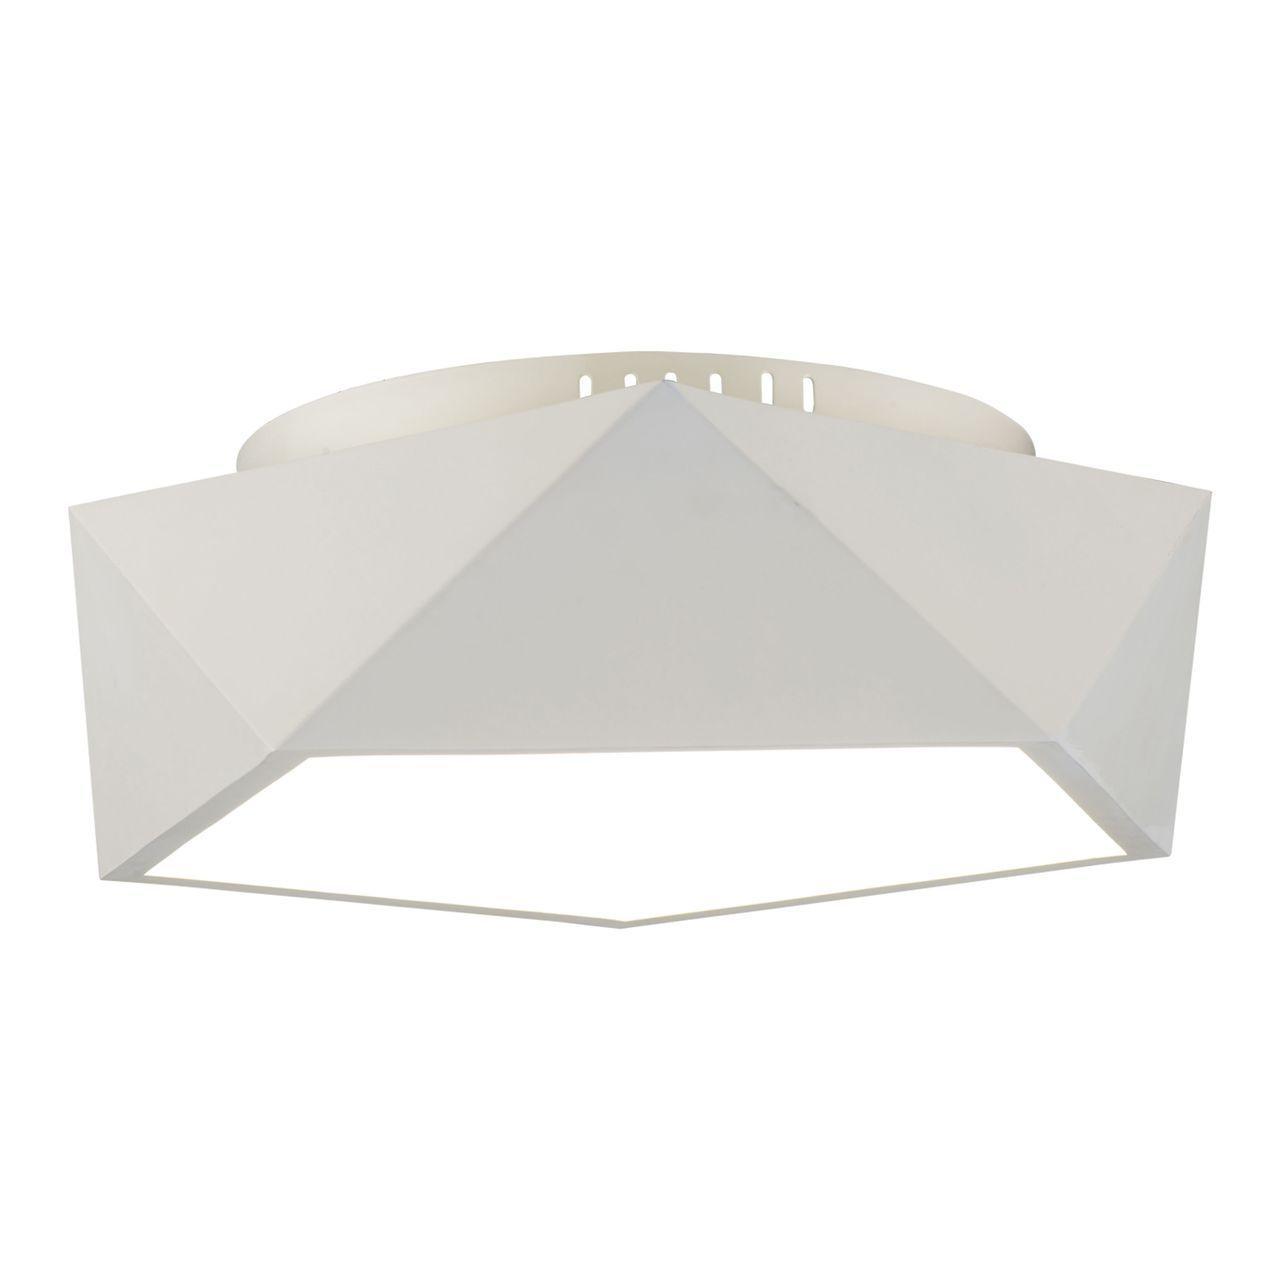 Купить Потолочный светодиодный светильник Spot Light Arca, inmyroom, Польша